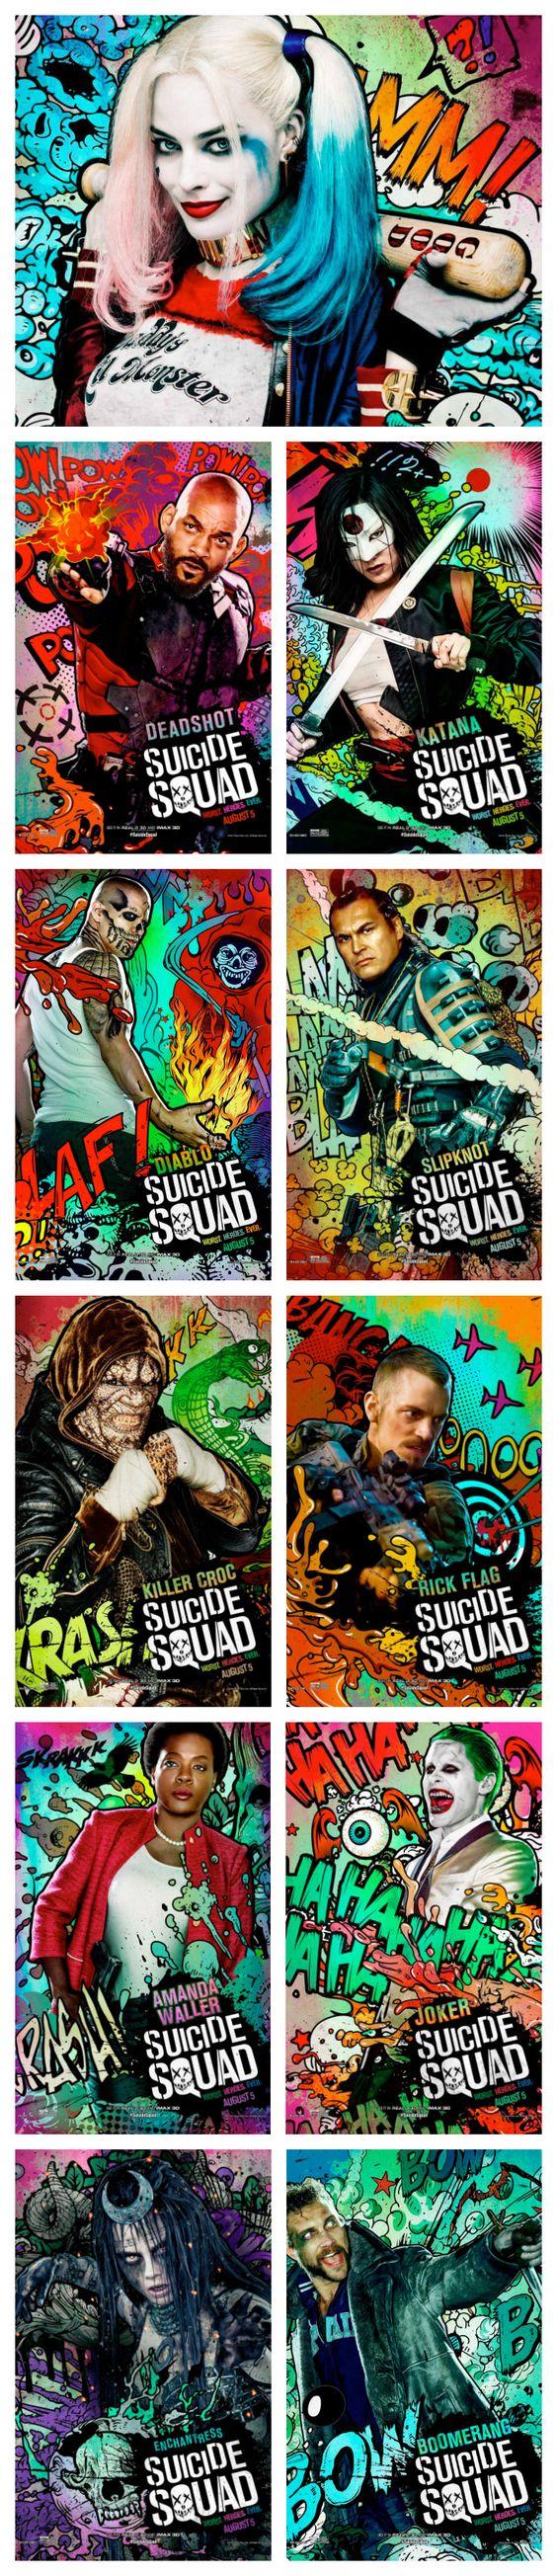 Nouveaux Posters des personnages de Suicide Squad http://www.geekilaz.com/nouveaux-posters-personnages-de-suicide-squad/